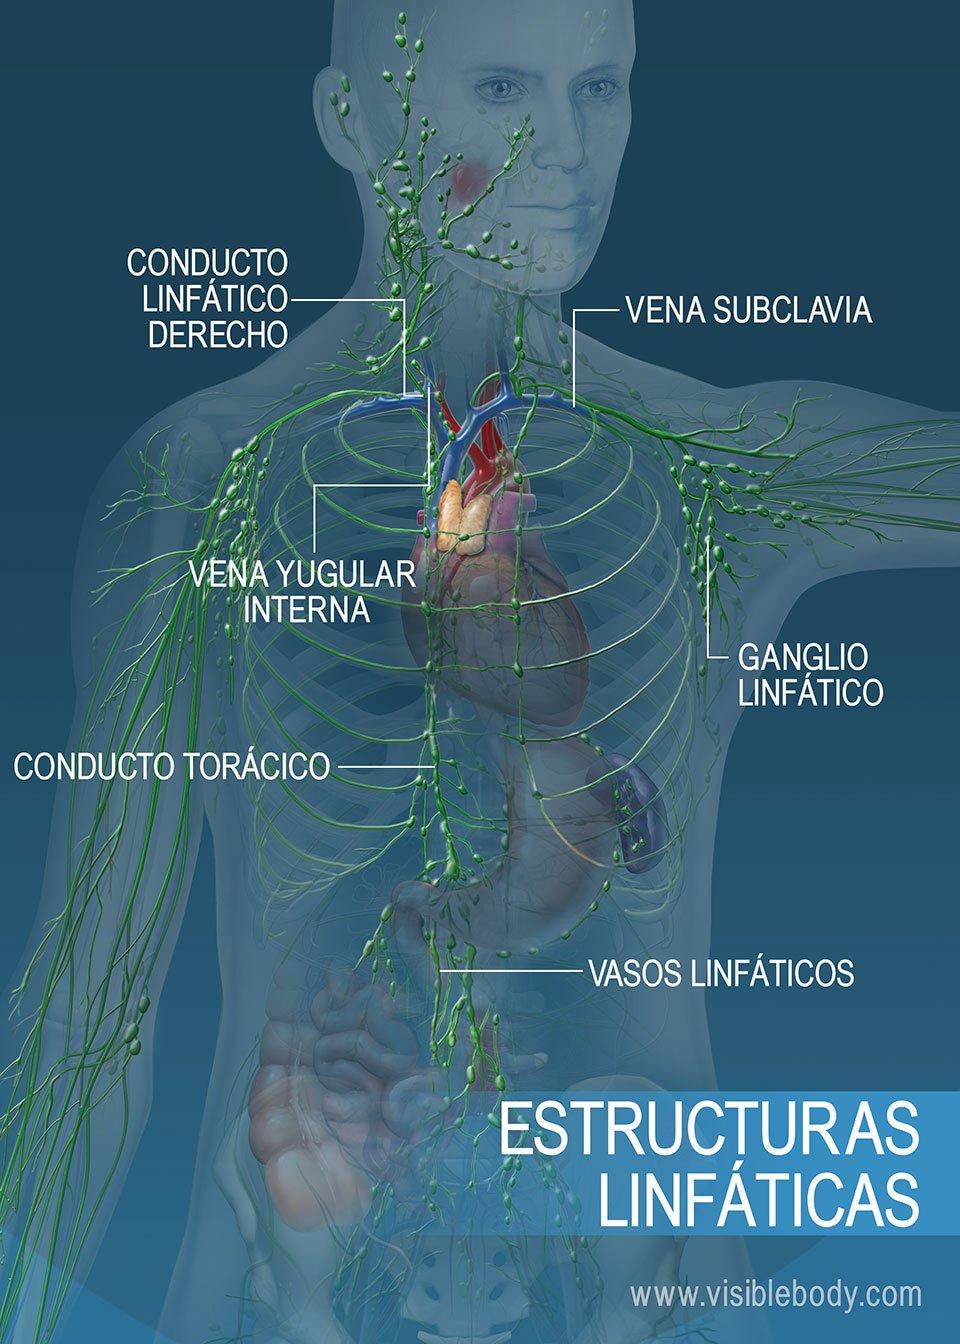 Red de vasos linfáticos en el torso y los brazos. Las estructuras principales incluyen el conducto torácico, el conducto linfático derecho y los vasos linfáticos.